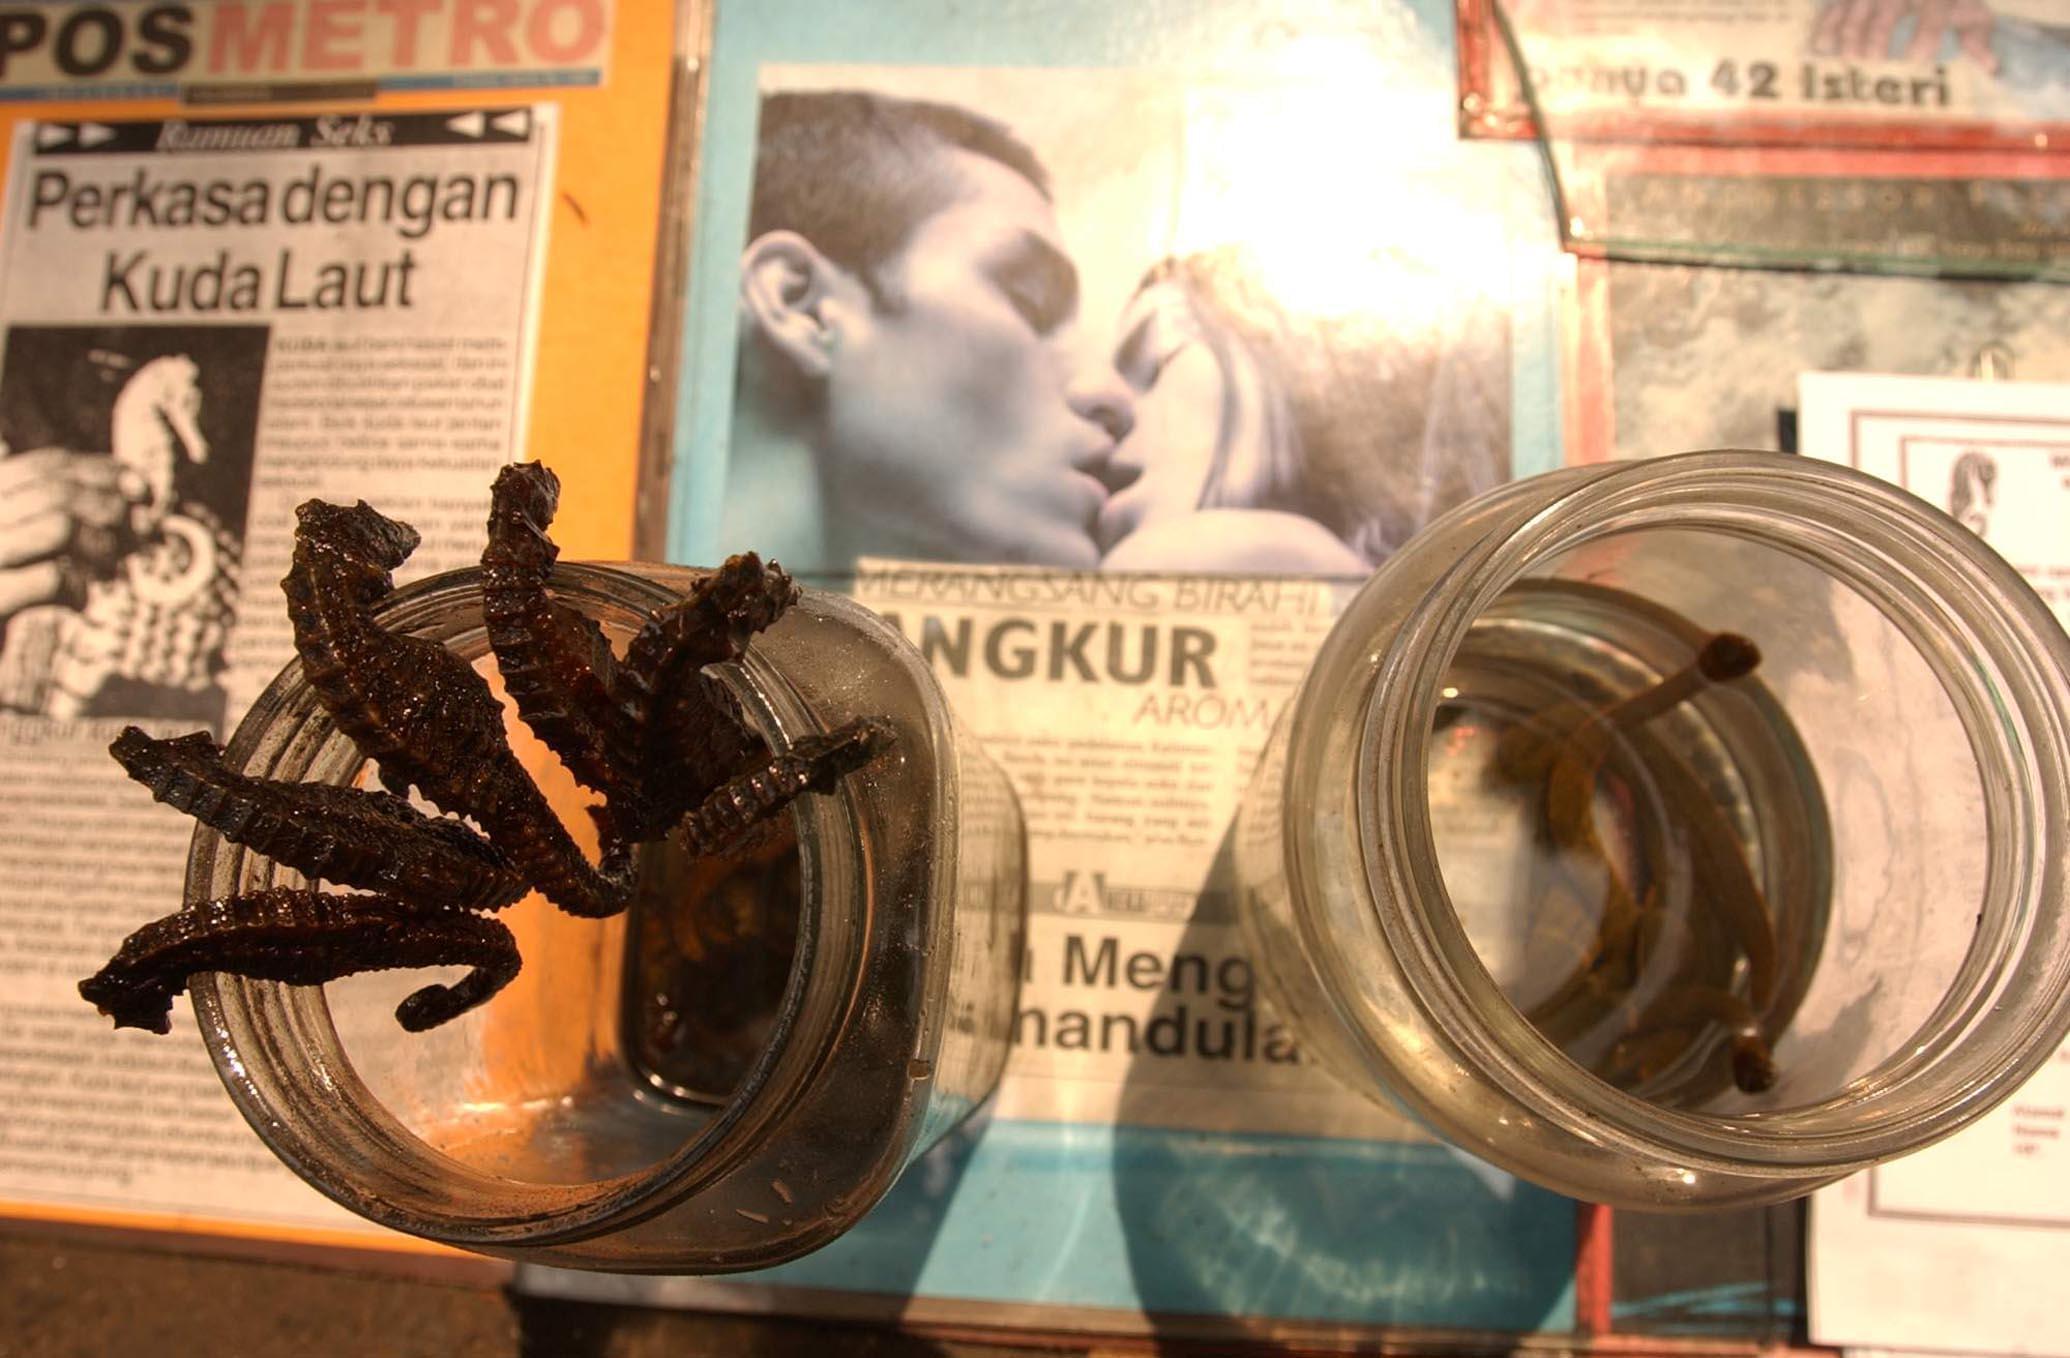 2003年7月16日,雅加达,据称有壮阳功效的海马和水蛭被小贩展示。 /CFP